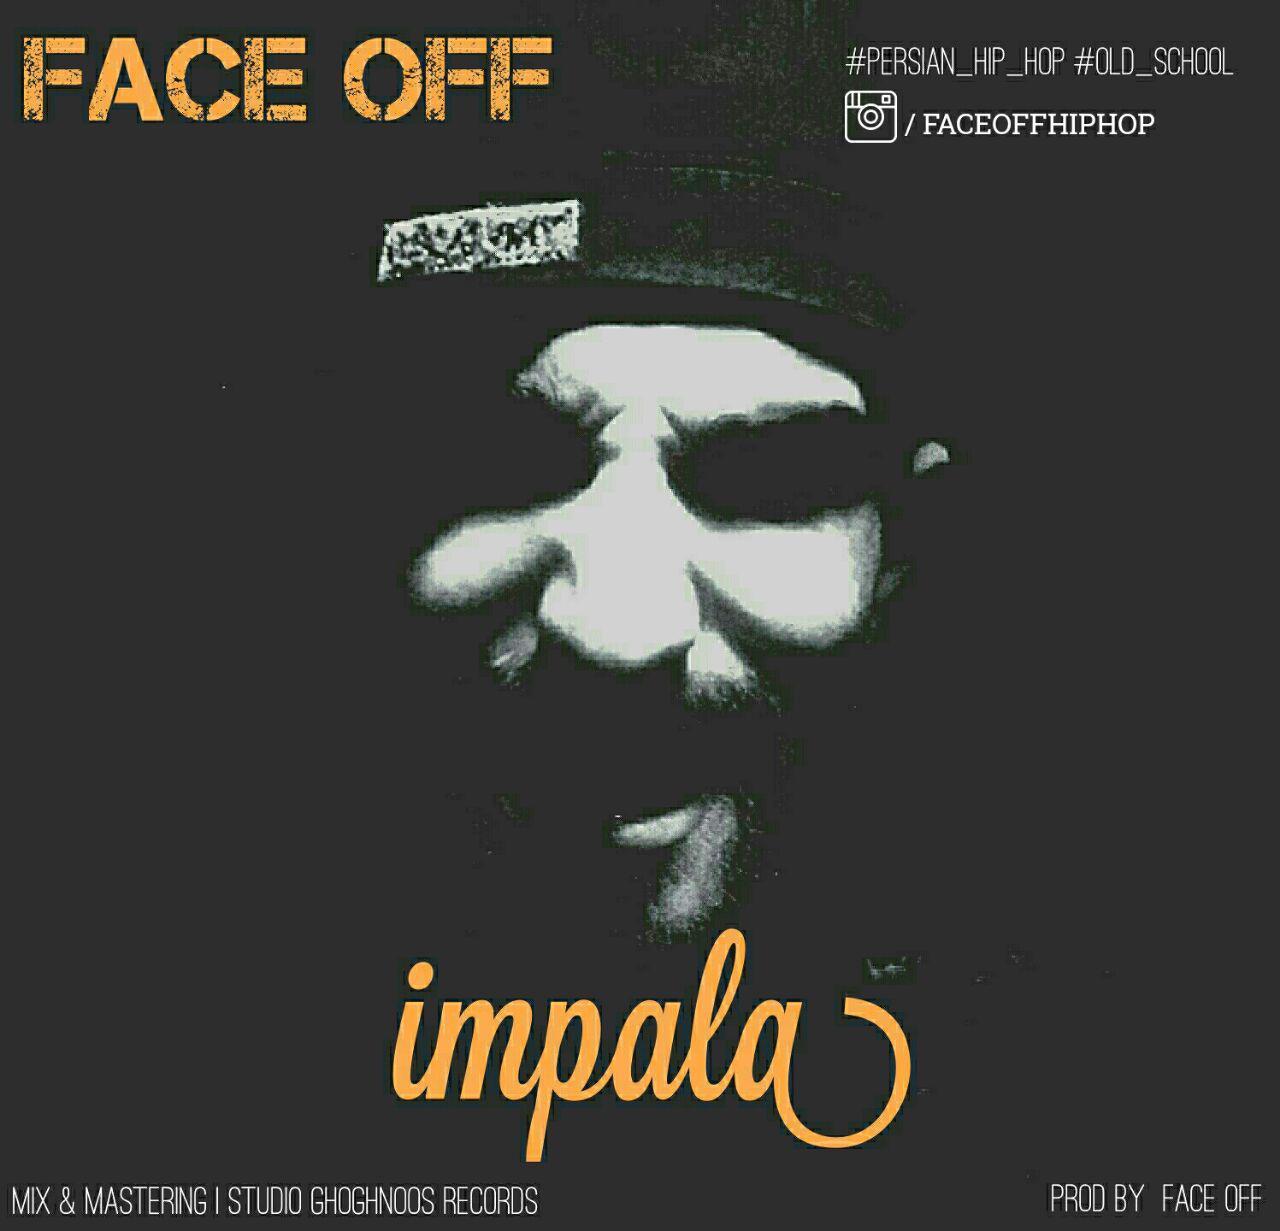 دانلود آهنگ جدید Face Off بنام Impala